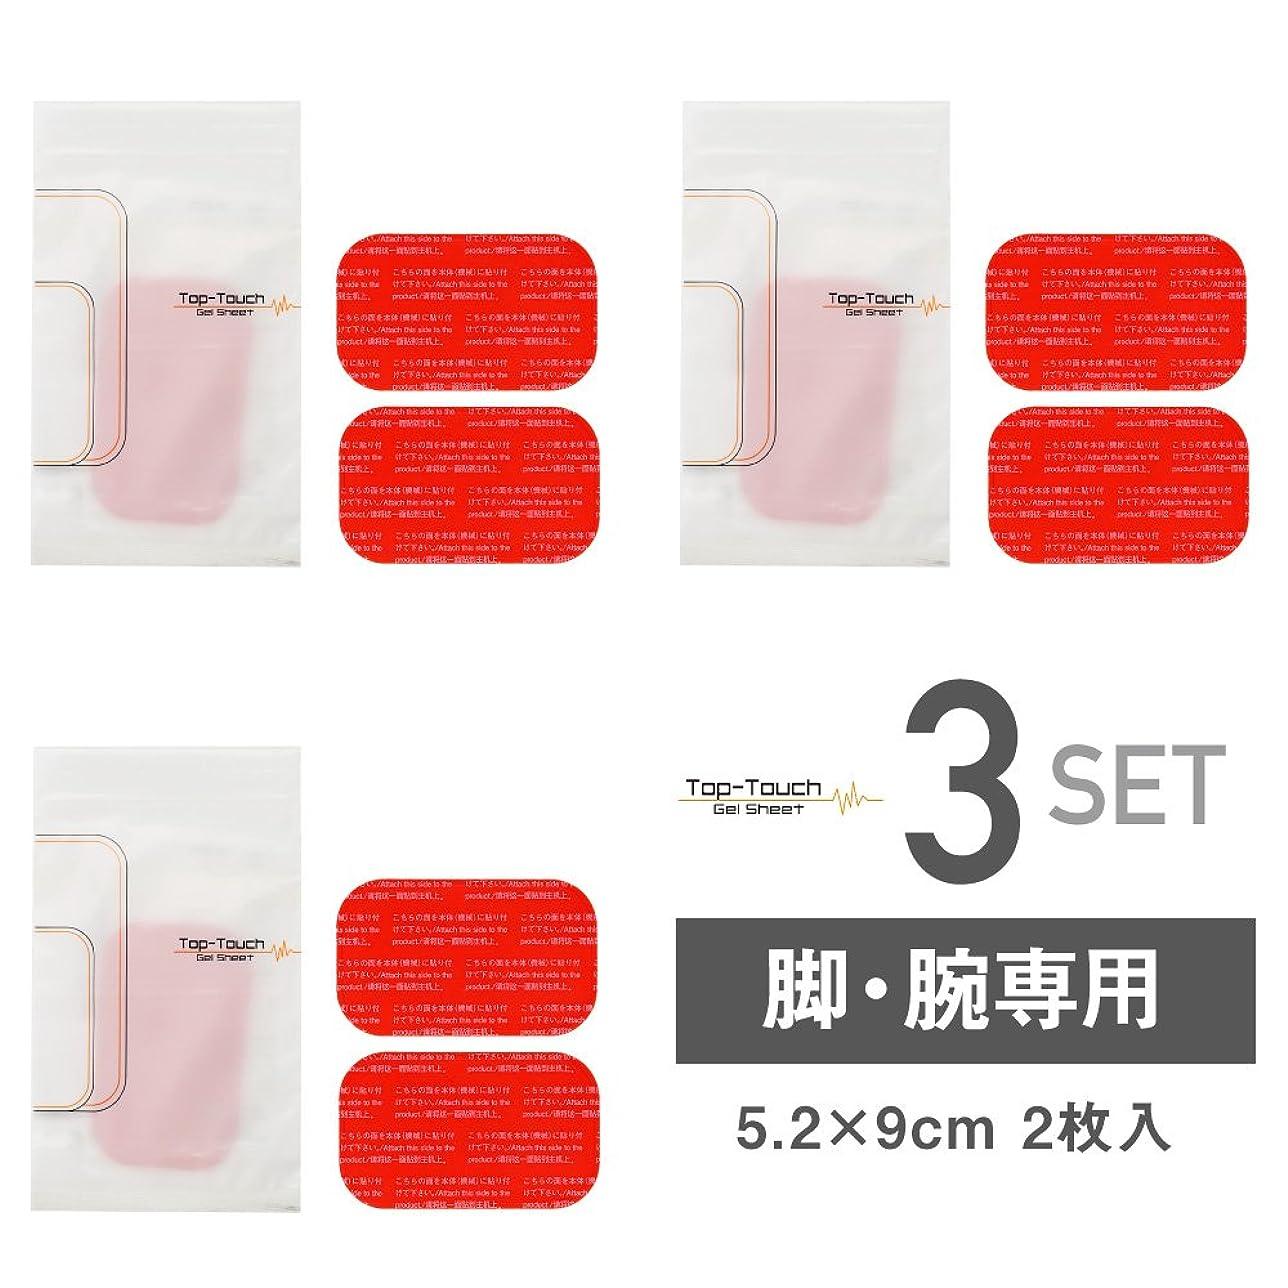 マート影響力のある花嫁Top-Touch 互換ジェルシート EMS シックス SIX 互換 高電導 ジェルシート body ボディ : ウェスト/腕/脚専用 (5.2×9.0cm 2枚入) x3セット 日本製 ジェル 採用 パッド フィット PAD パッド